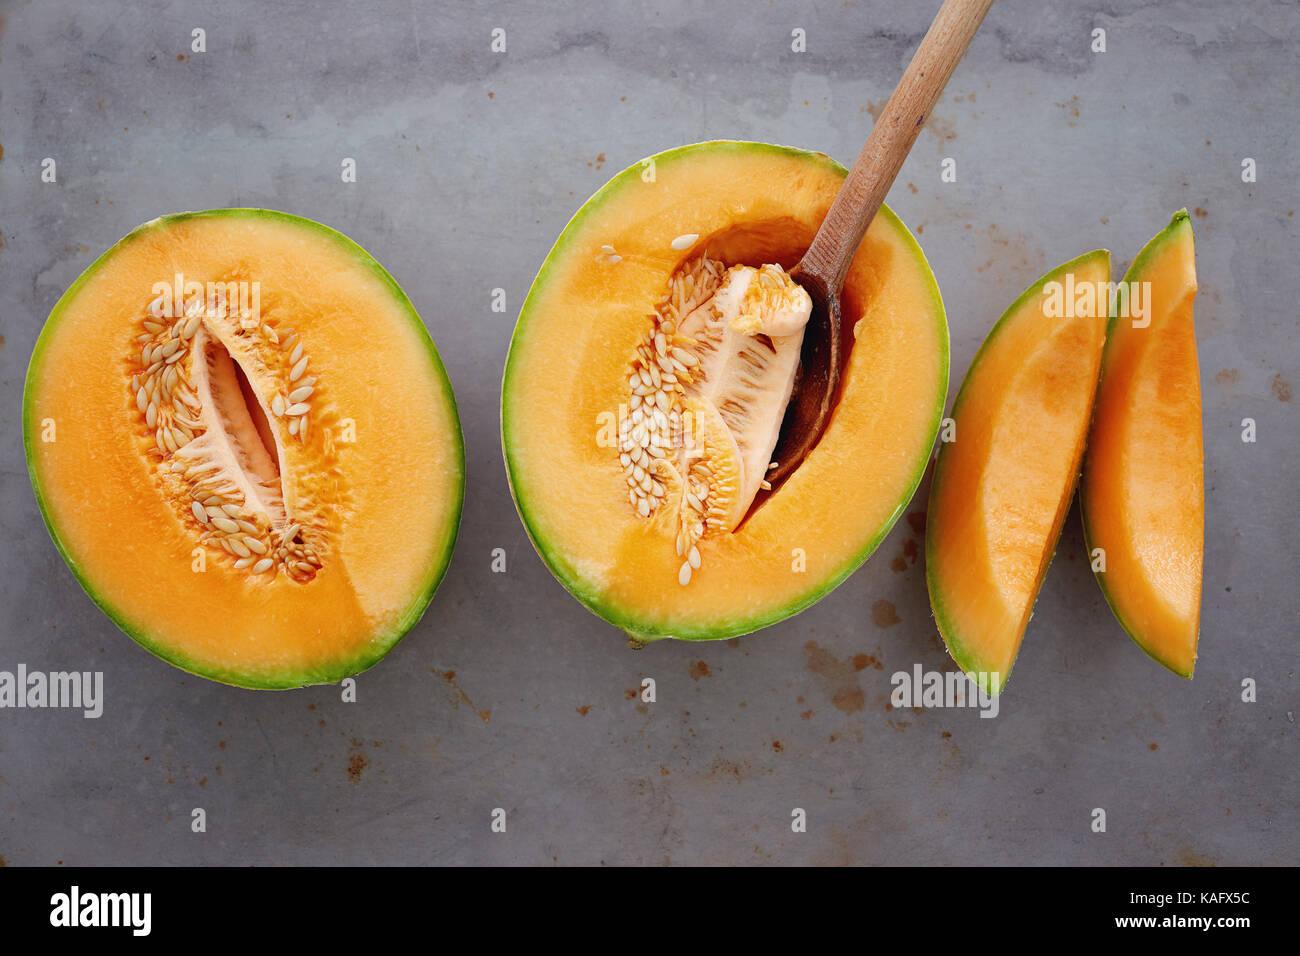 Cantaloups frais coupé en morceaux. demi-coupe de melon cantaloup mûr avec une cuillère. Photo Stock